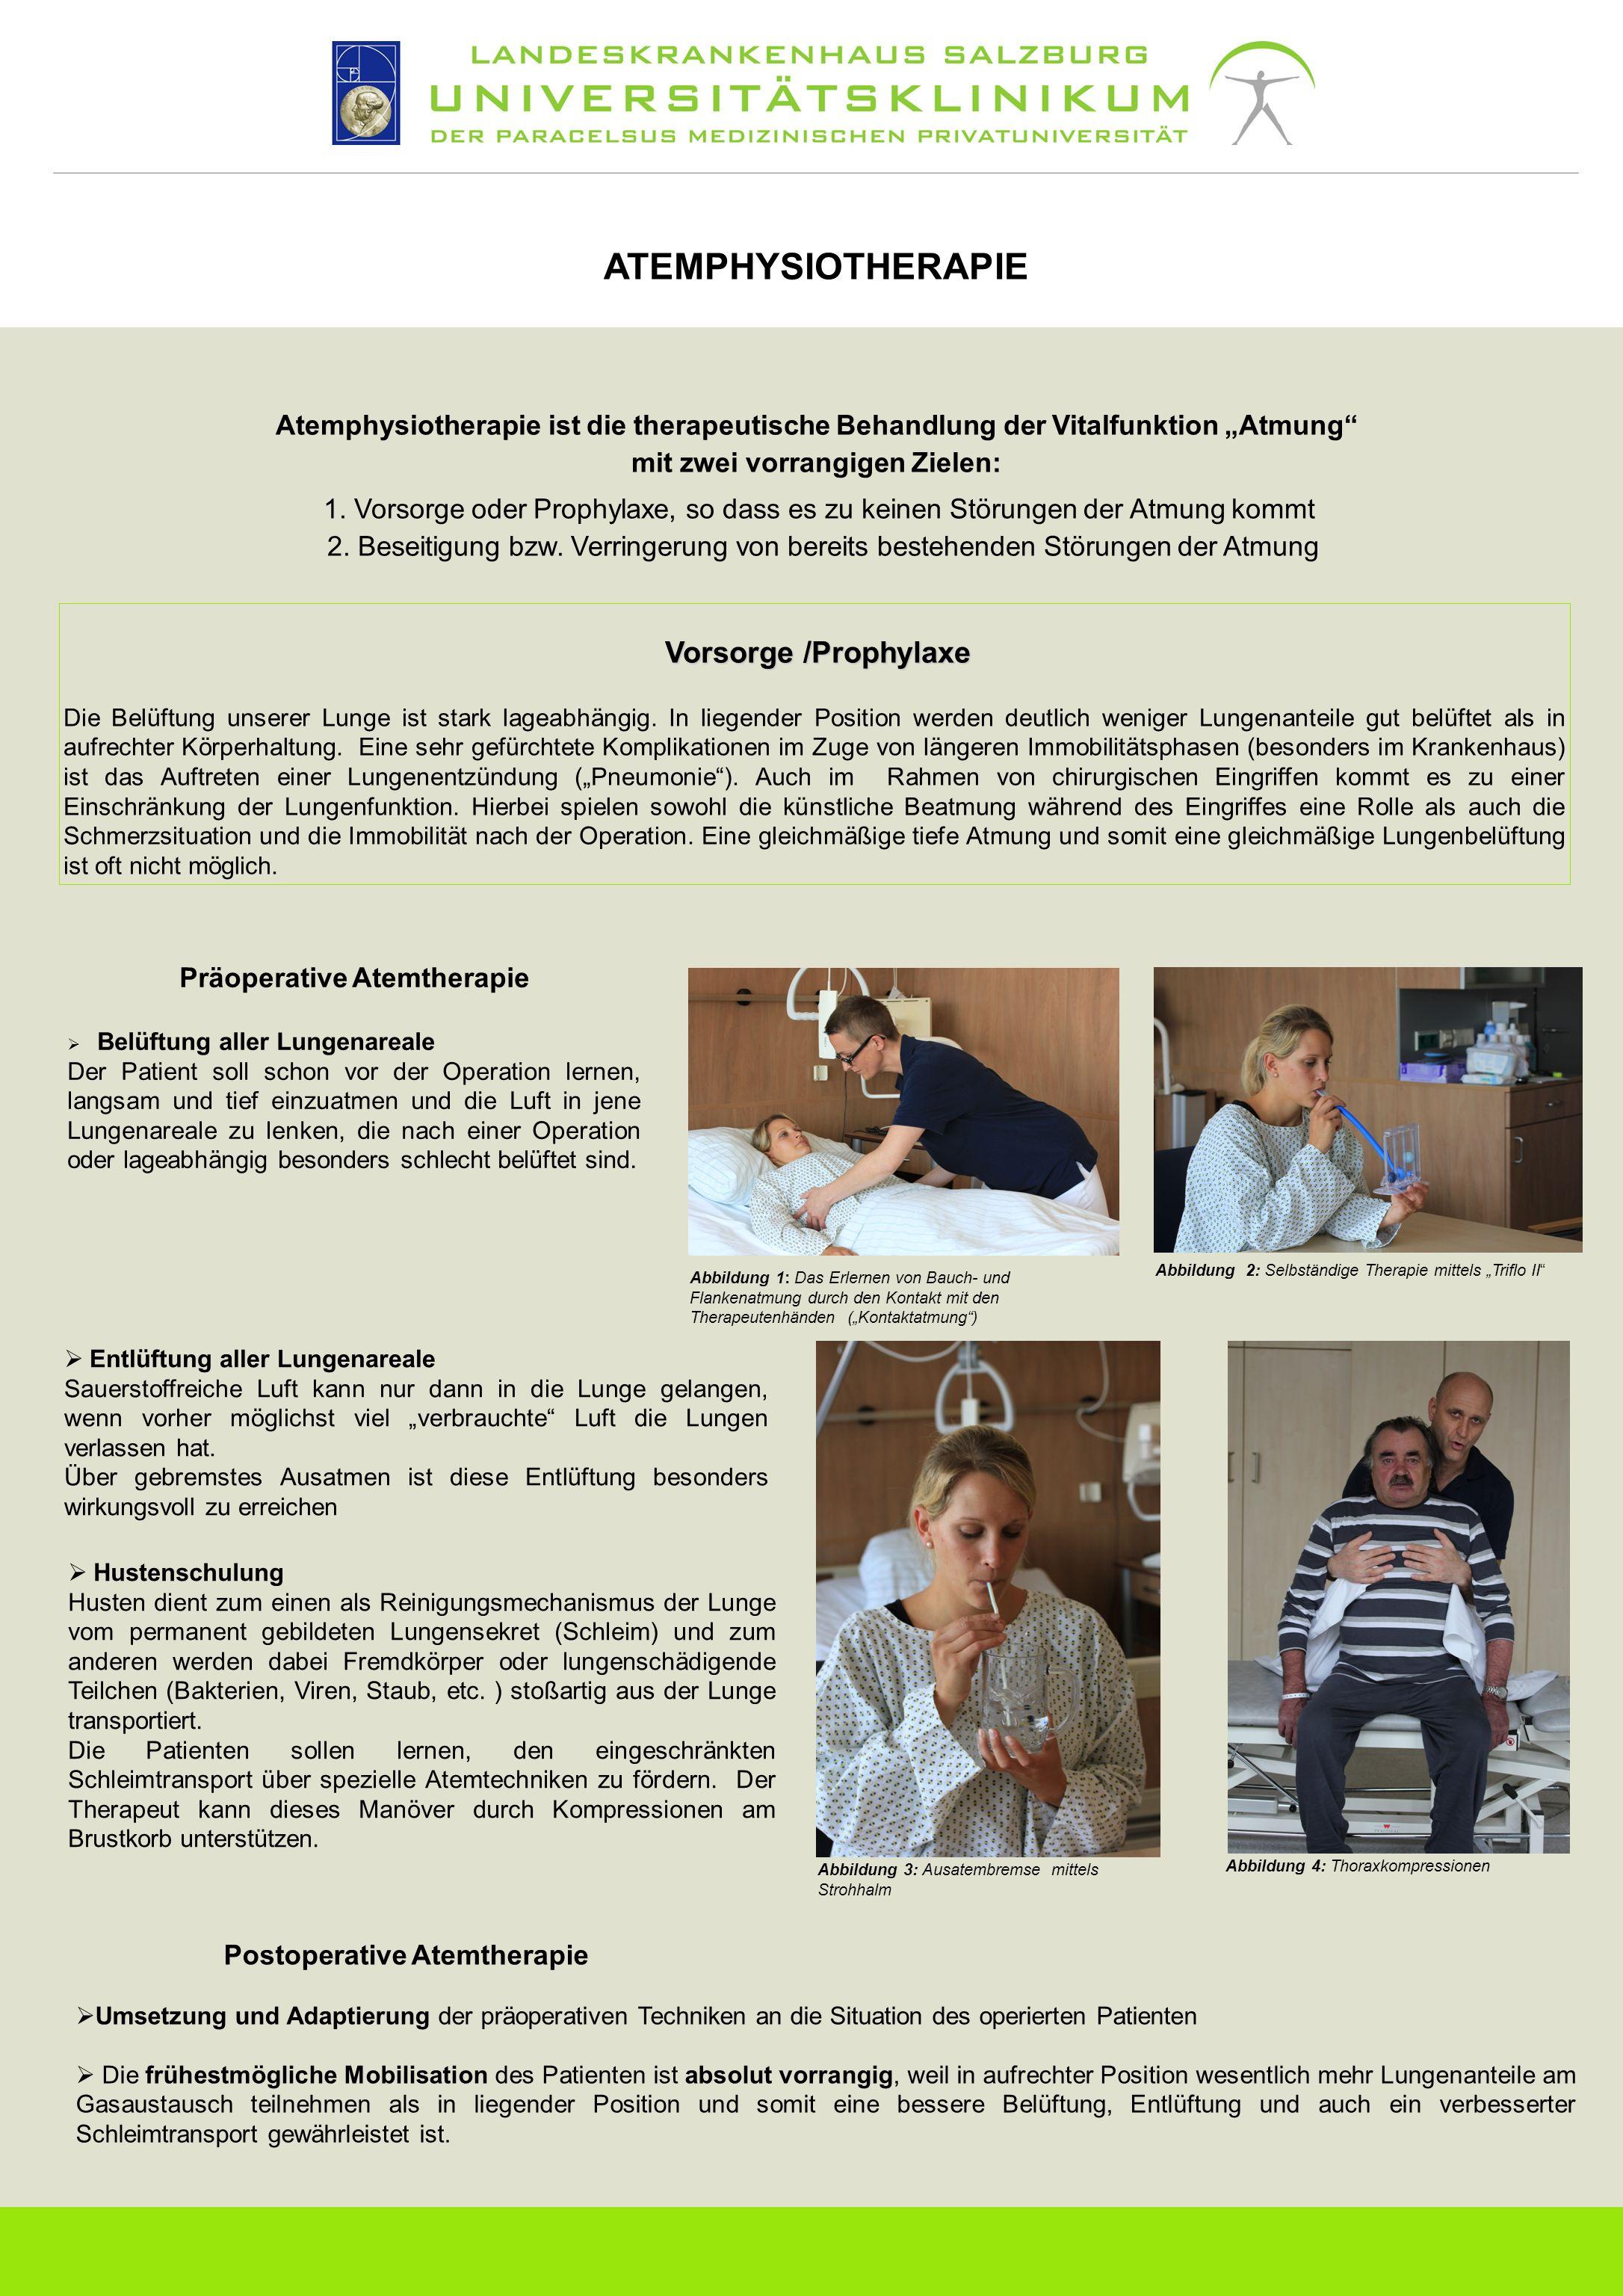 mit zwei vorrangigen Zielen: Präoperative Atemtherapie